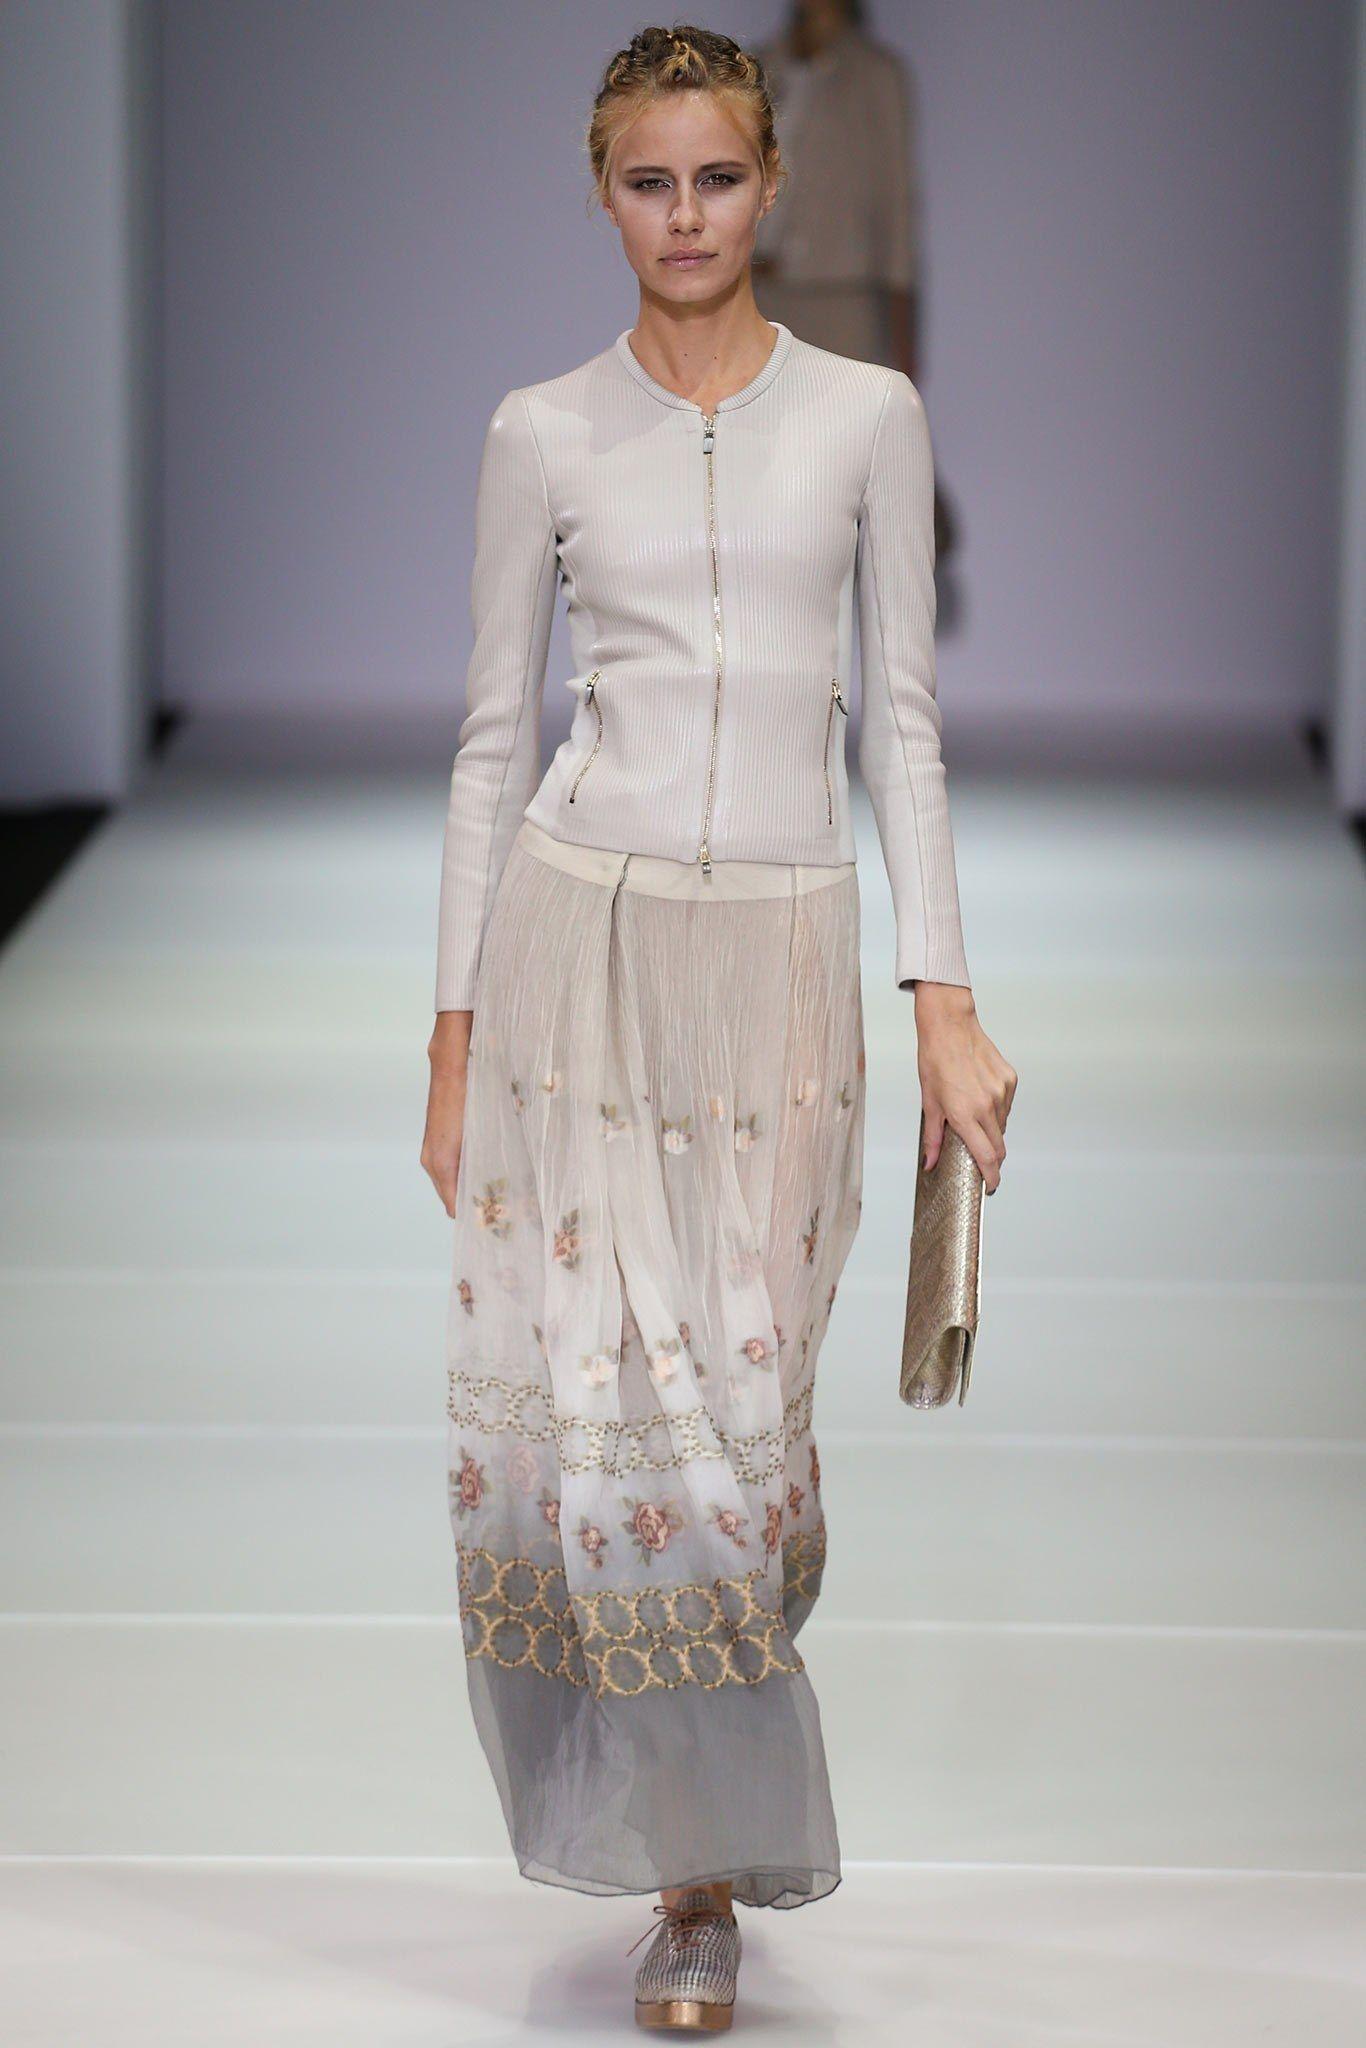 b633c2c26330 Giorgio Armani Spring 2015 Ready-to-Wear Collection Photos - Vogue